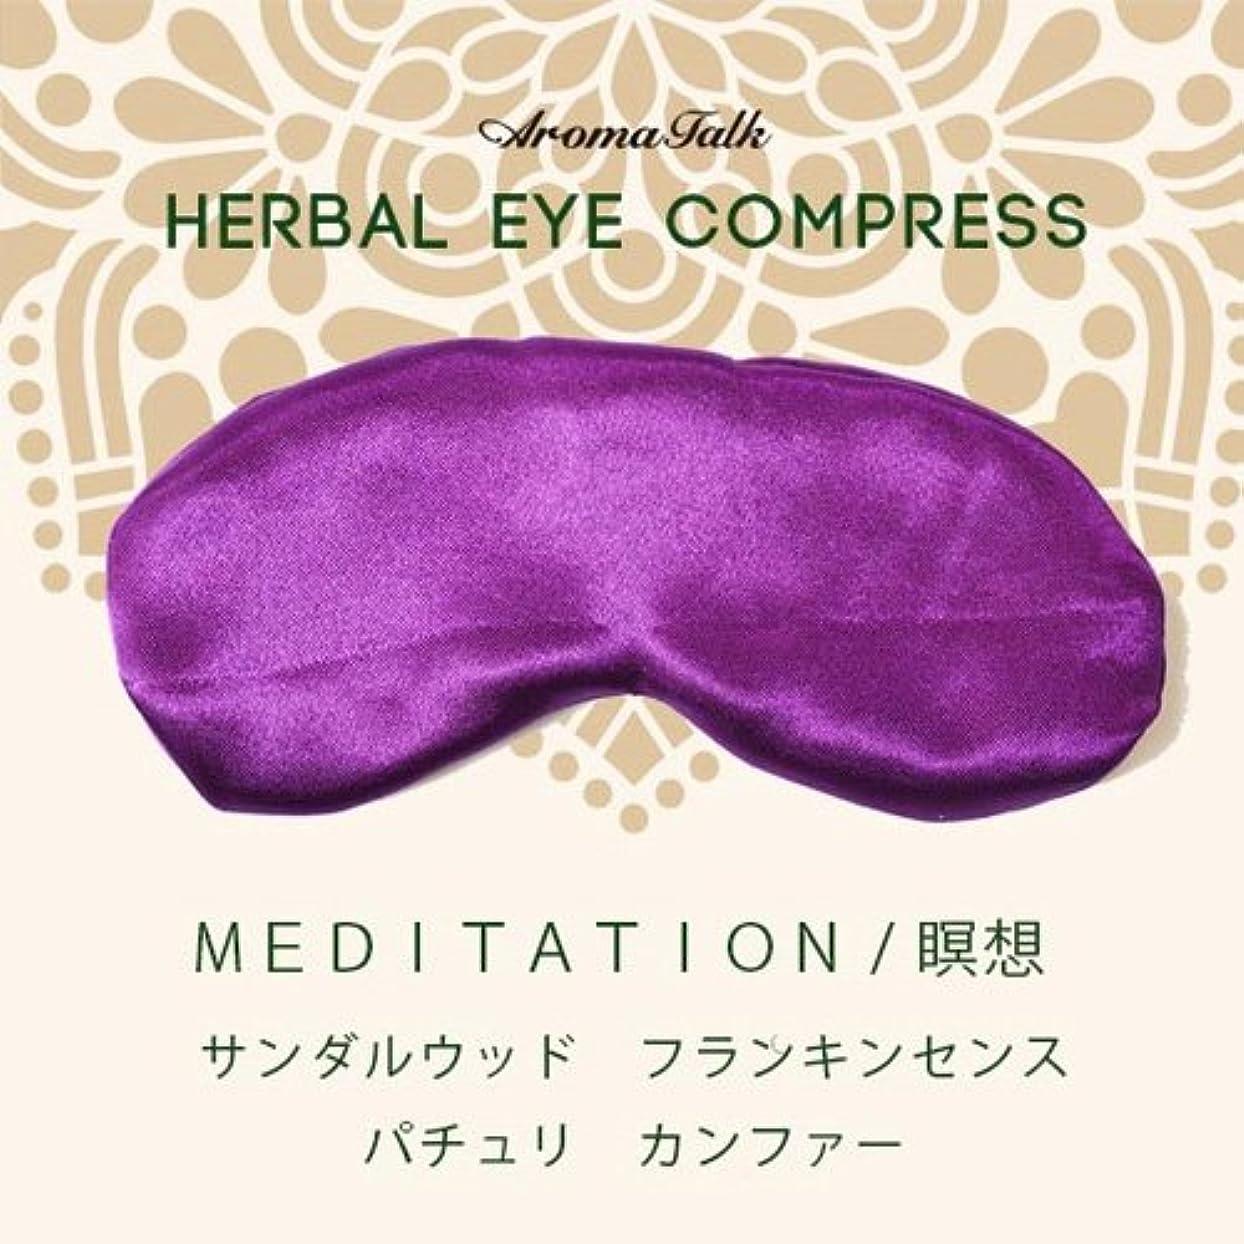 ラボ振り子ネックレットハーバルアイコンプレス「メディテイション 瞑想」紫/禅をイメージしたウッド系の香り